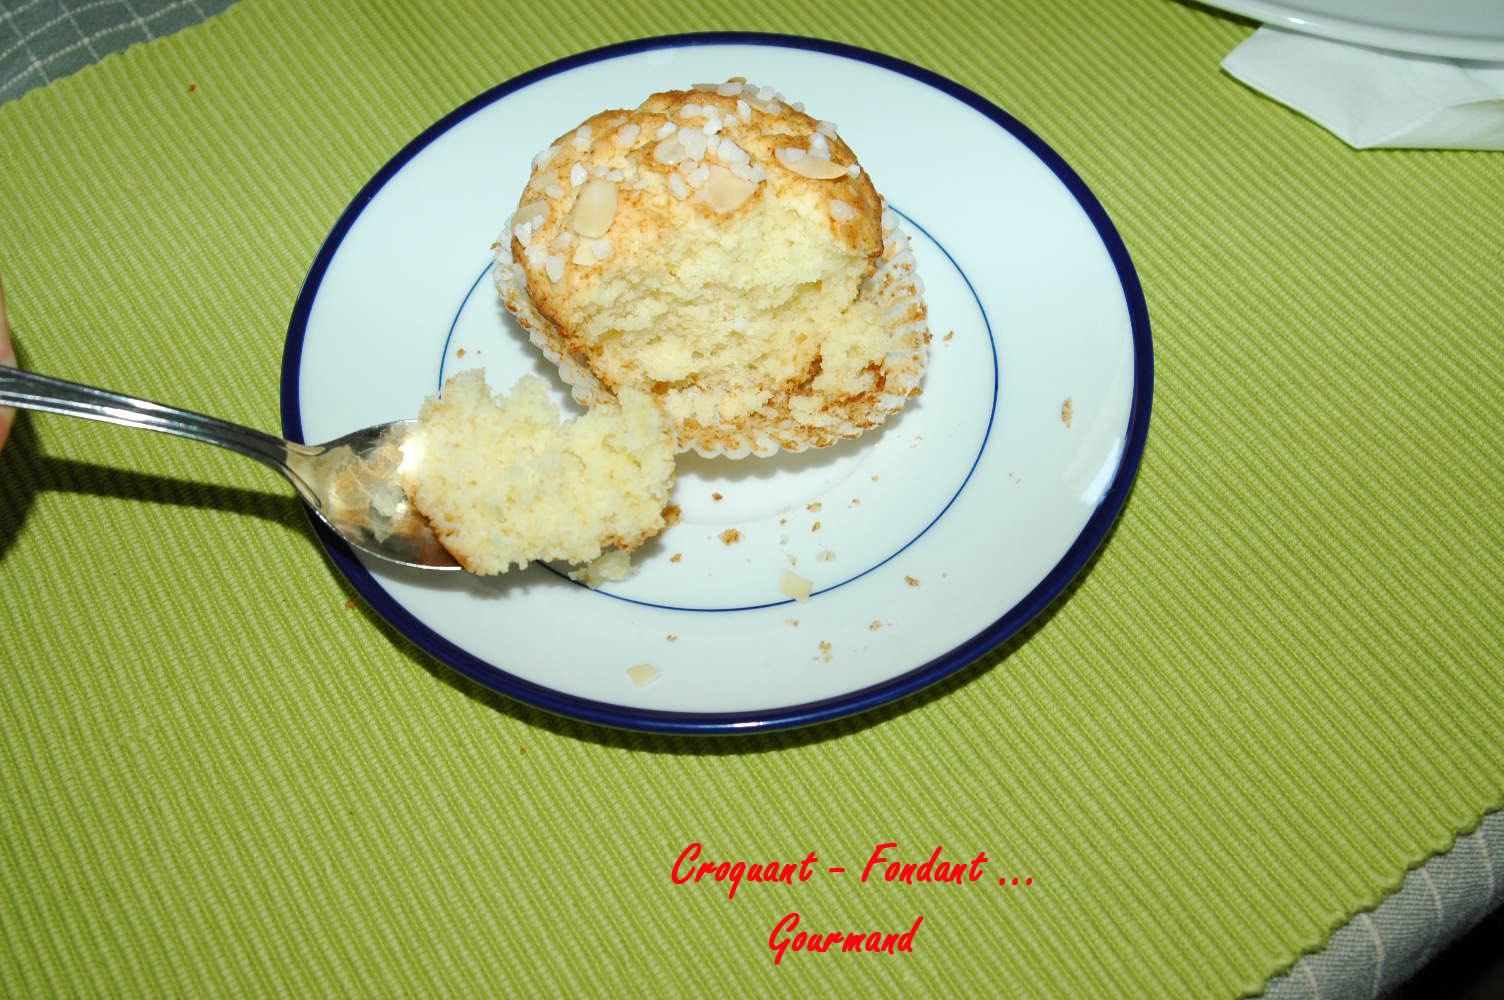 Muffins au citron - DSC_7012_4843